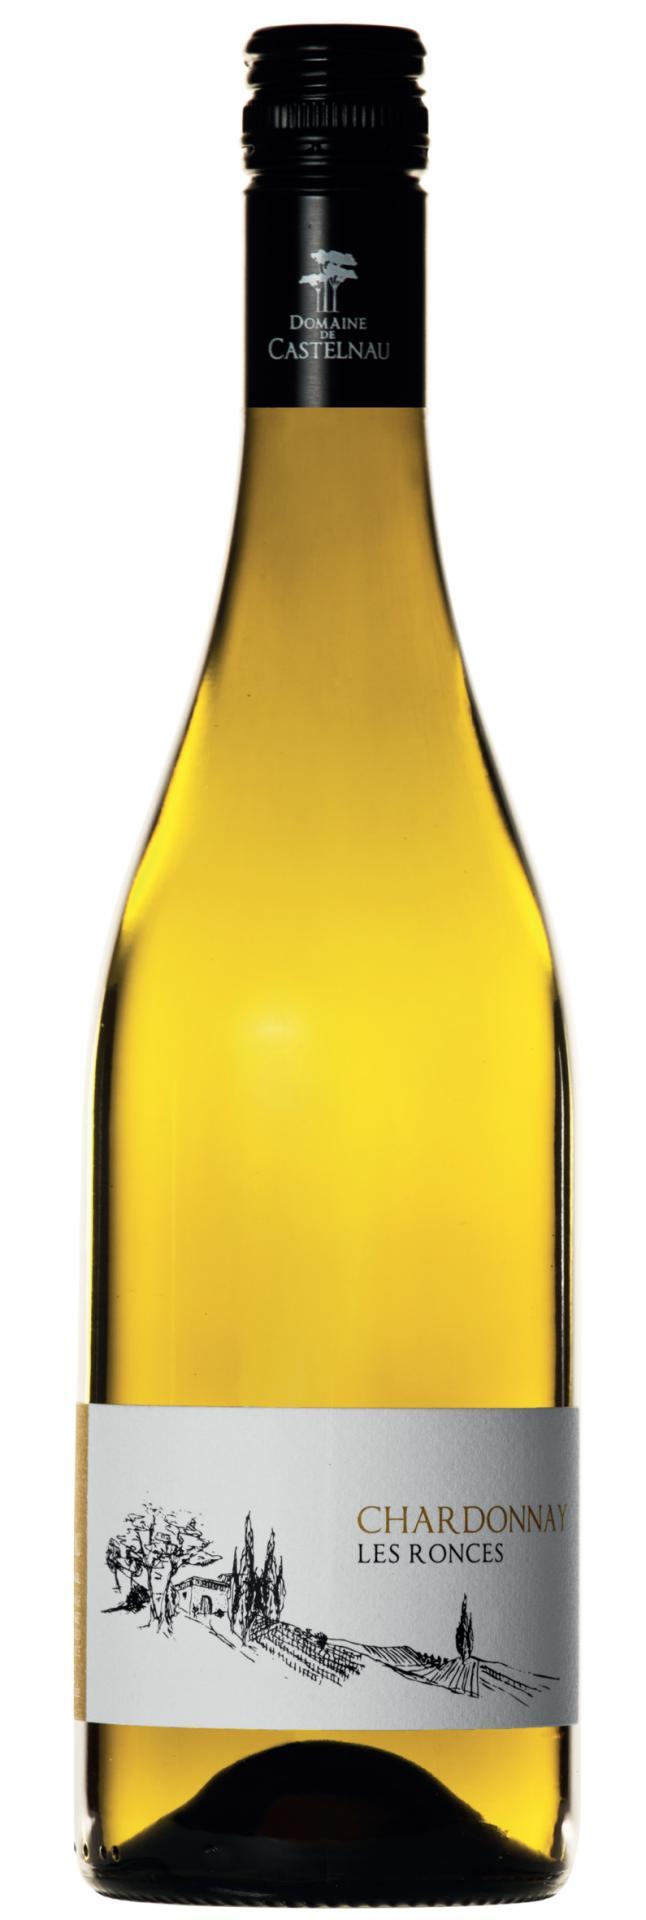 Chardonnay 2